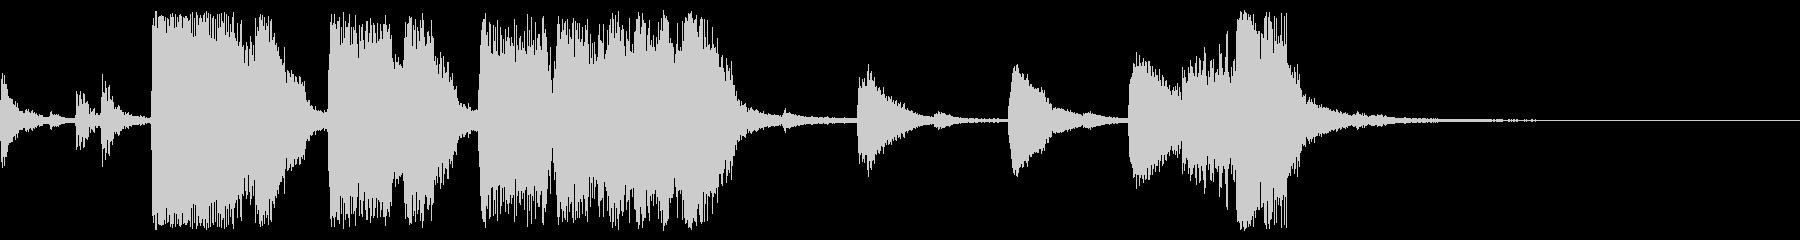 ビッグバンドの豪華な勝利のファンファーレの未再生の波形